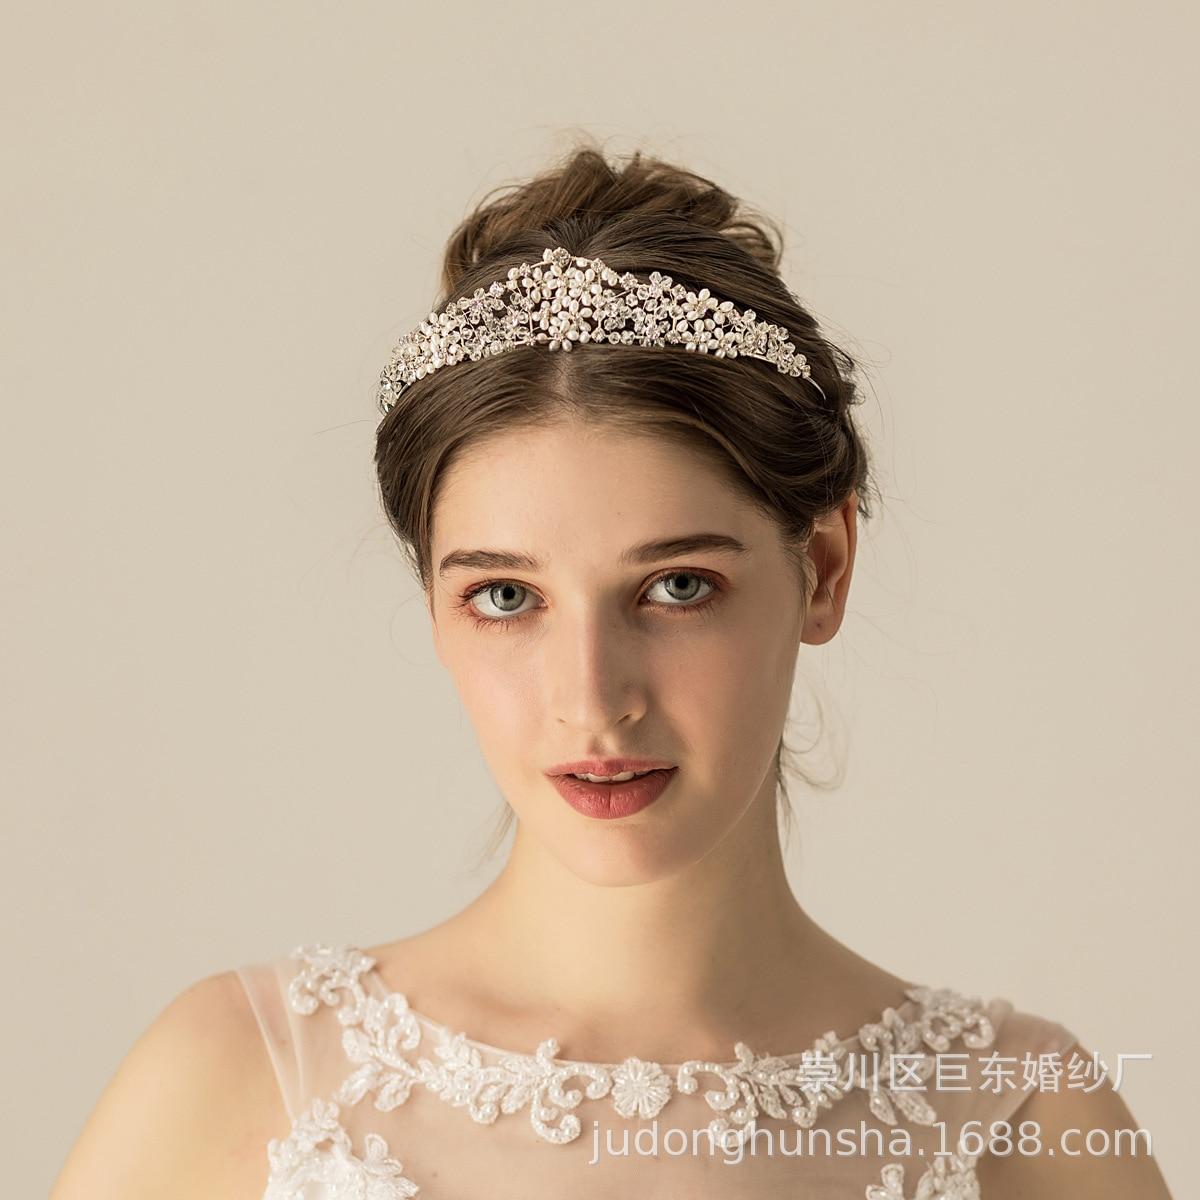 Leliin or mariée cheveux d'eau douce perle diadème couronne mariage cheveux casque cristal cheveux Barrette mariée épingles à cheveux bijoux de cheveux